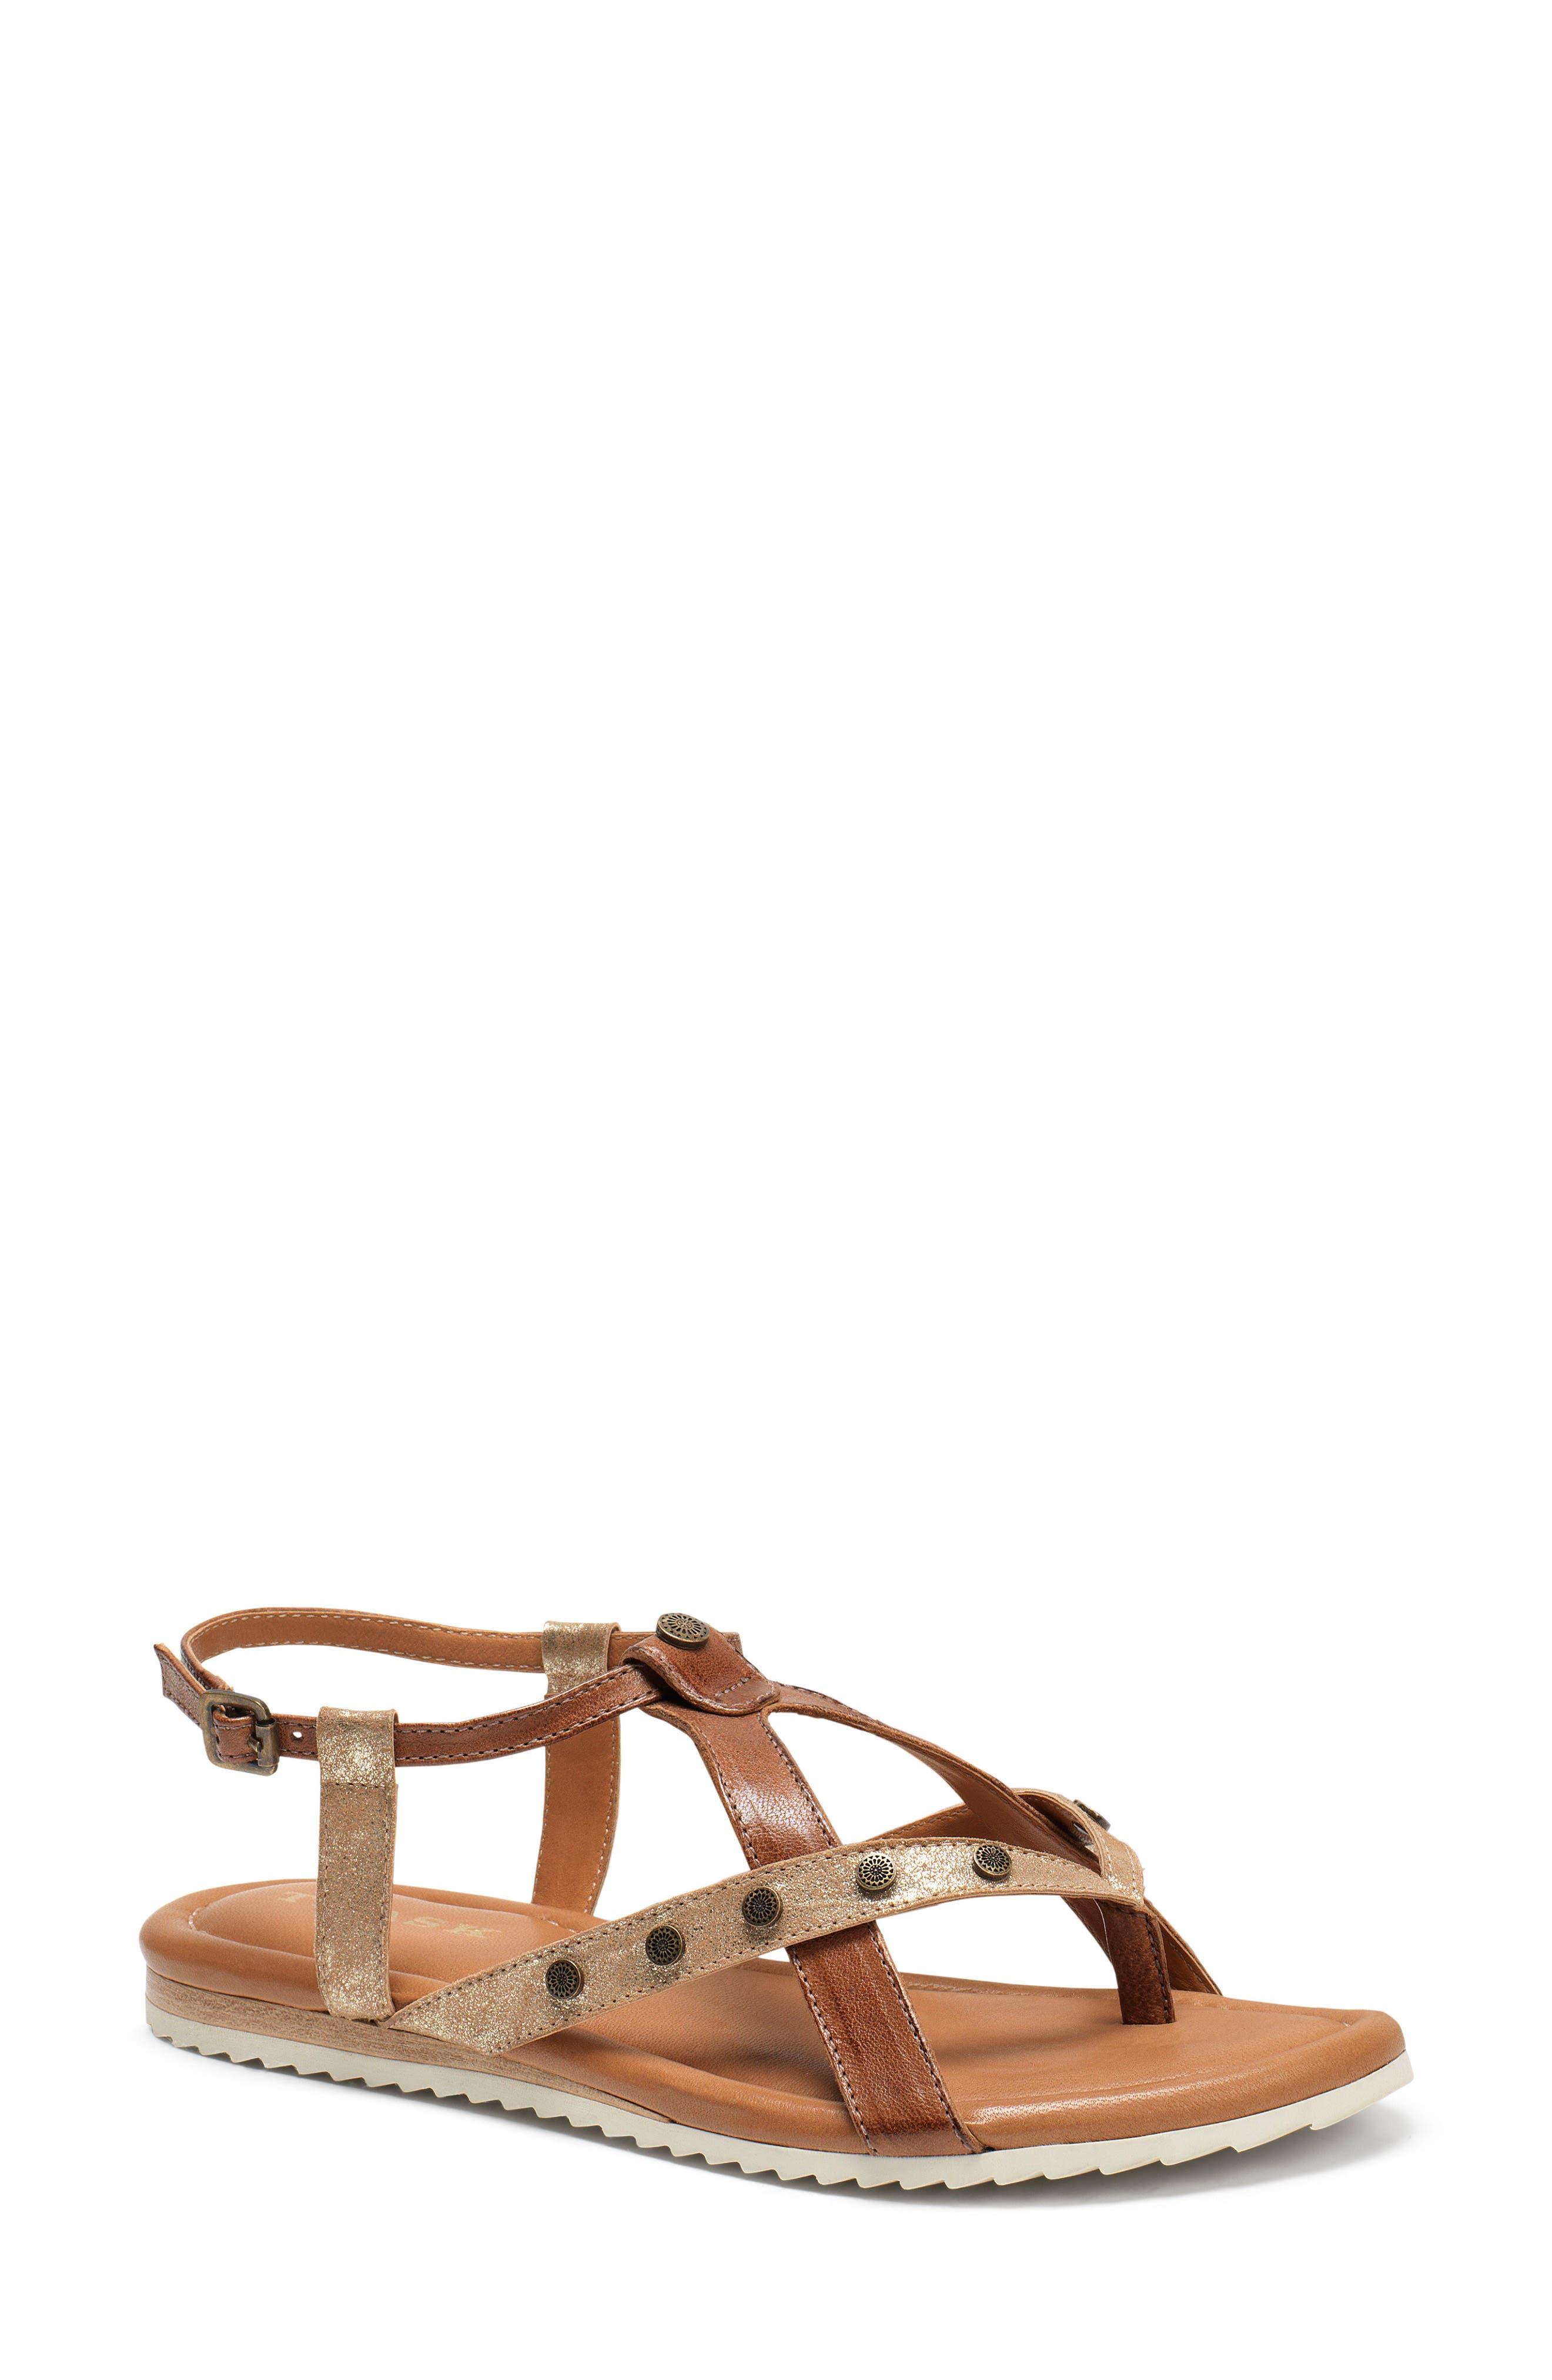 Trask Shayla Water Resistant Sandal (Women)